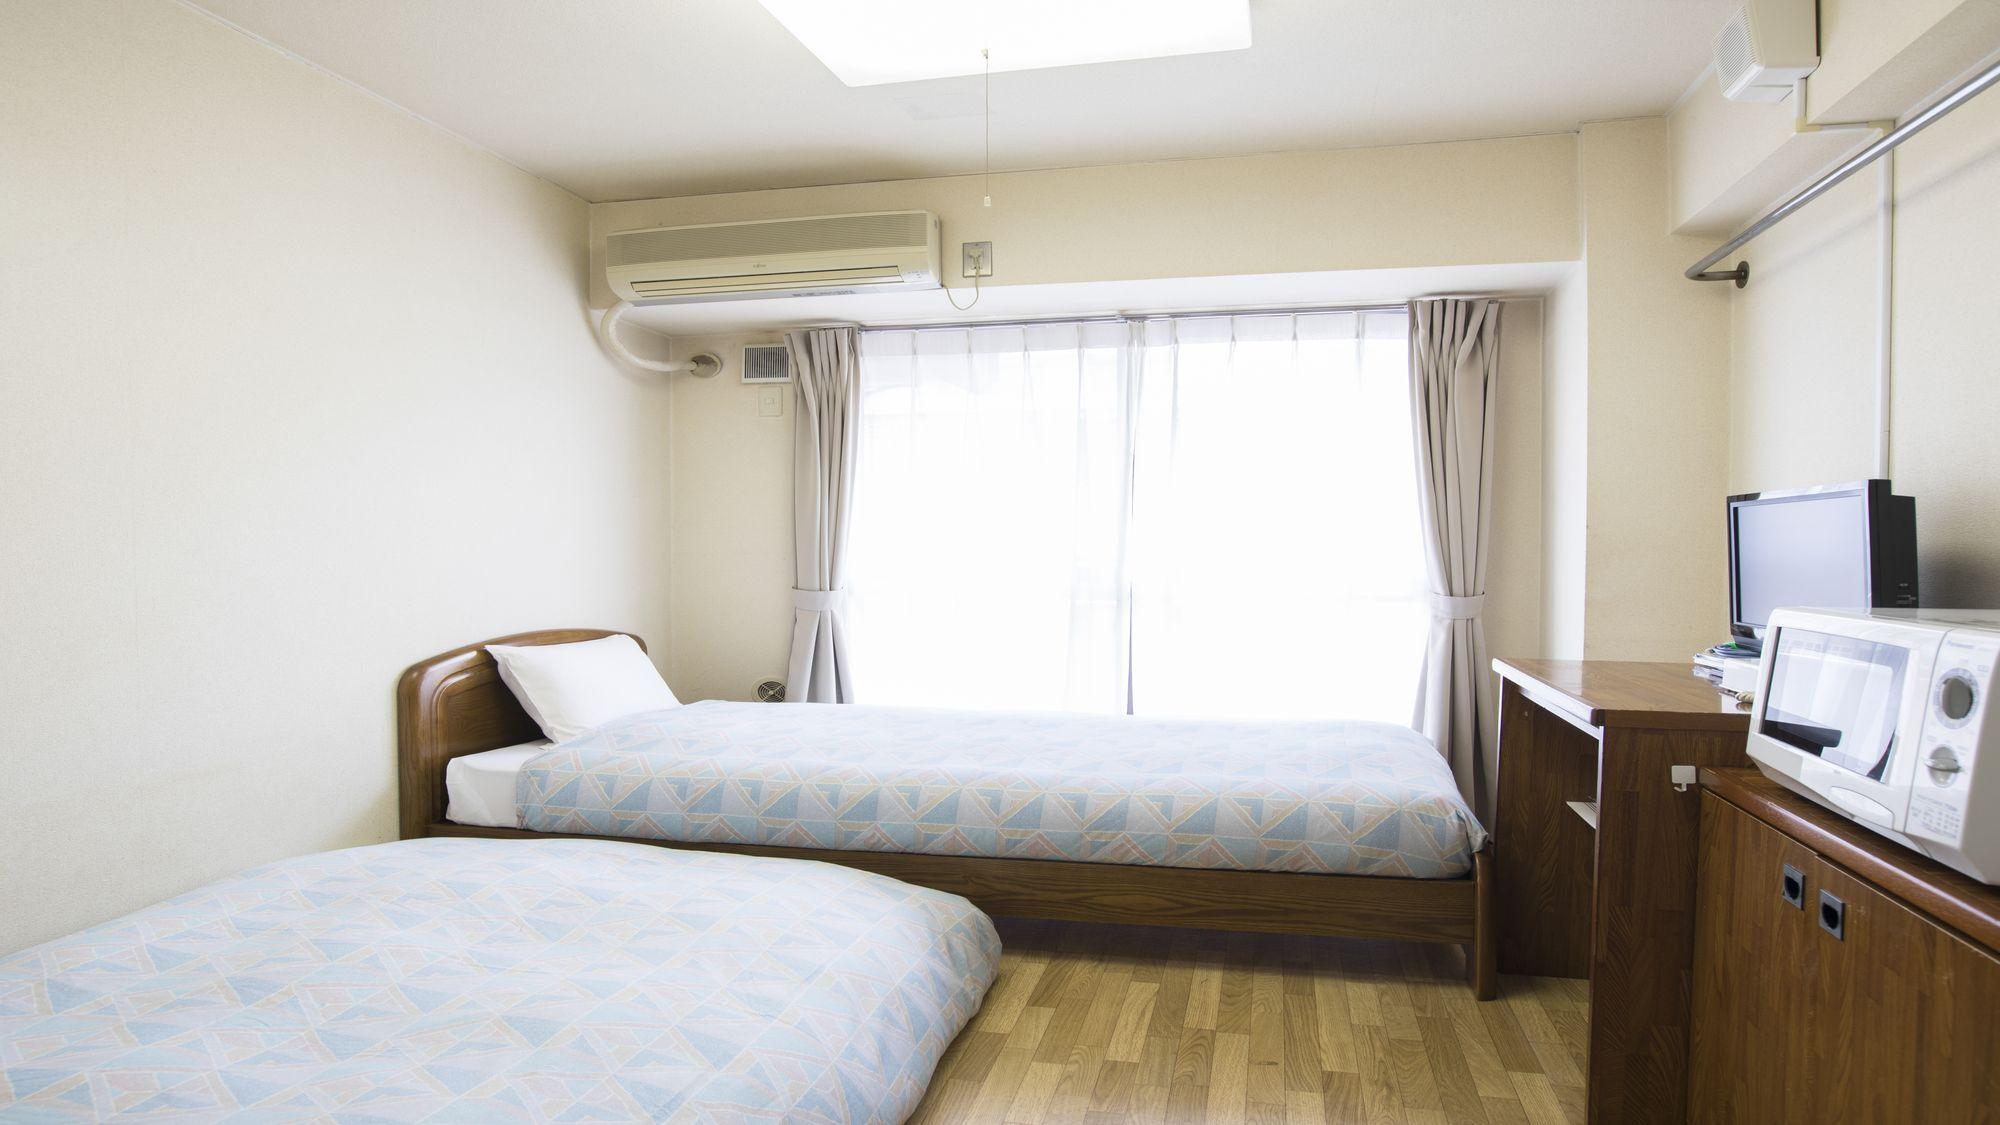 スタジオツイン【15m2/ベッド幅100cm・ソファベッド1台】